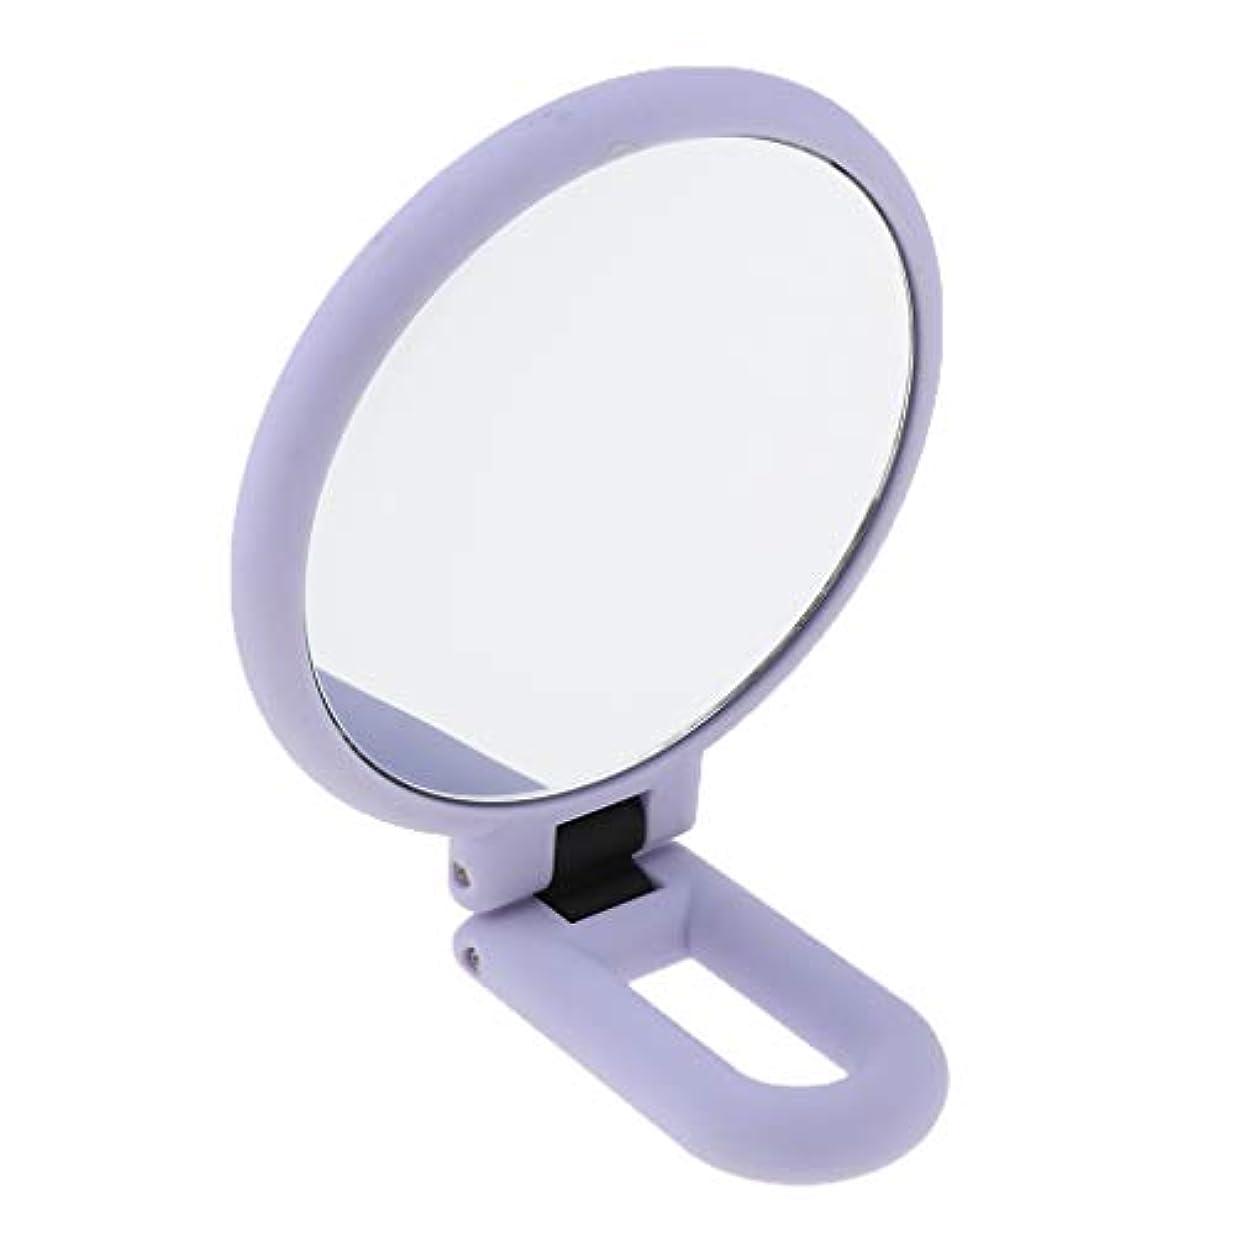 採用する迫害ウール折りたたみ拡大鏡両面化粧卓上旅行ハンドヘルド折りたたみミラー - 15倍の拡大鏡